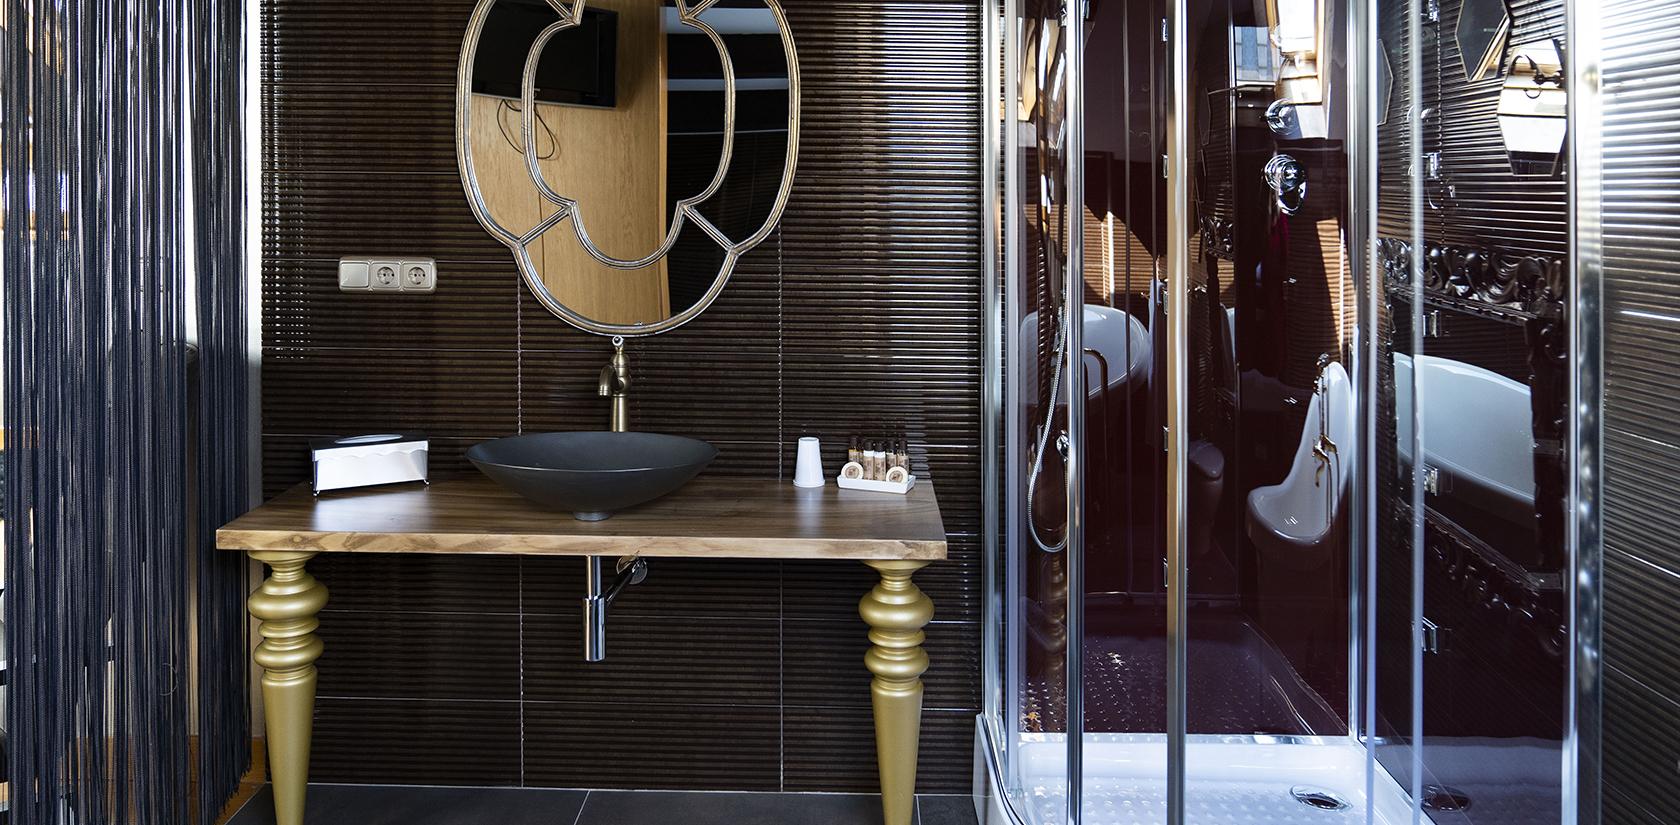 Habitación Malveiras, detalle del baño, ducha de hidromasaje